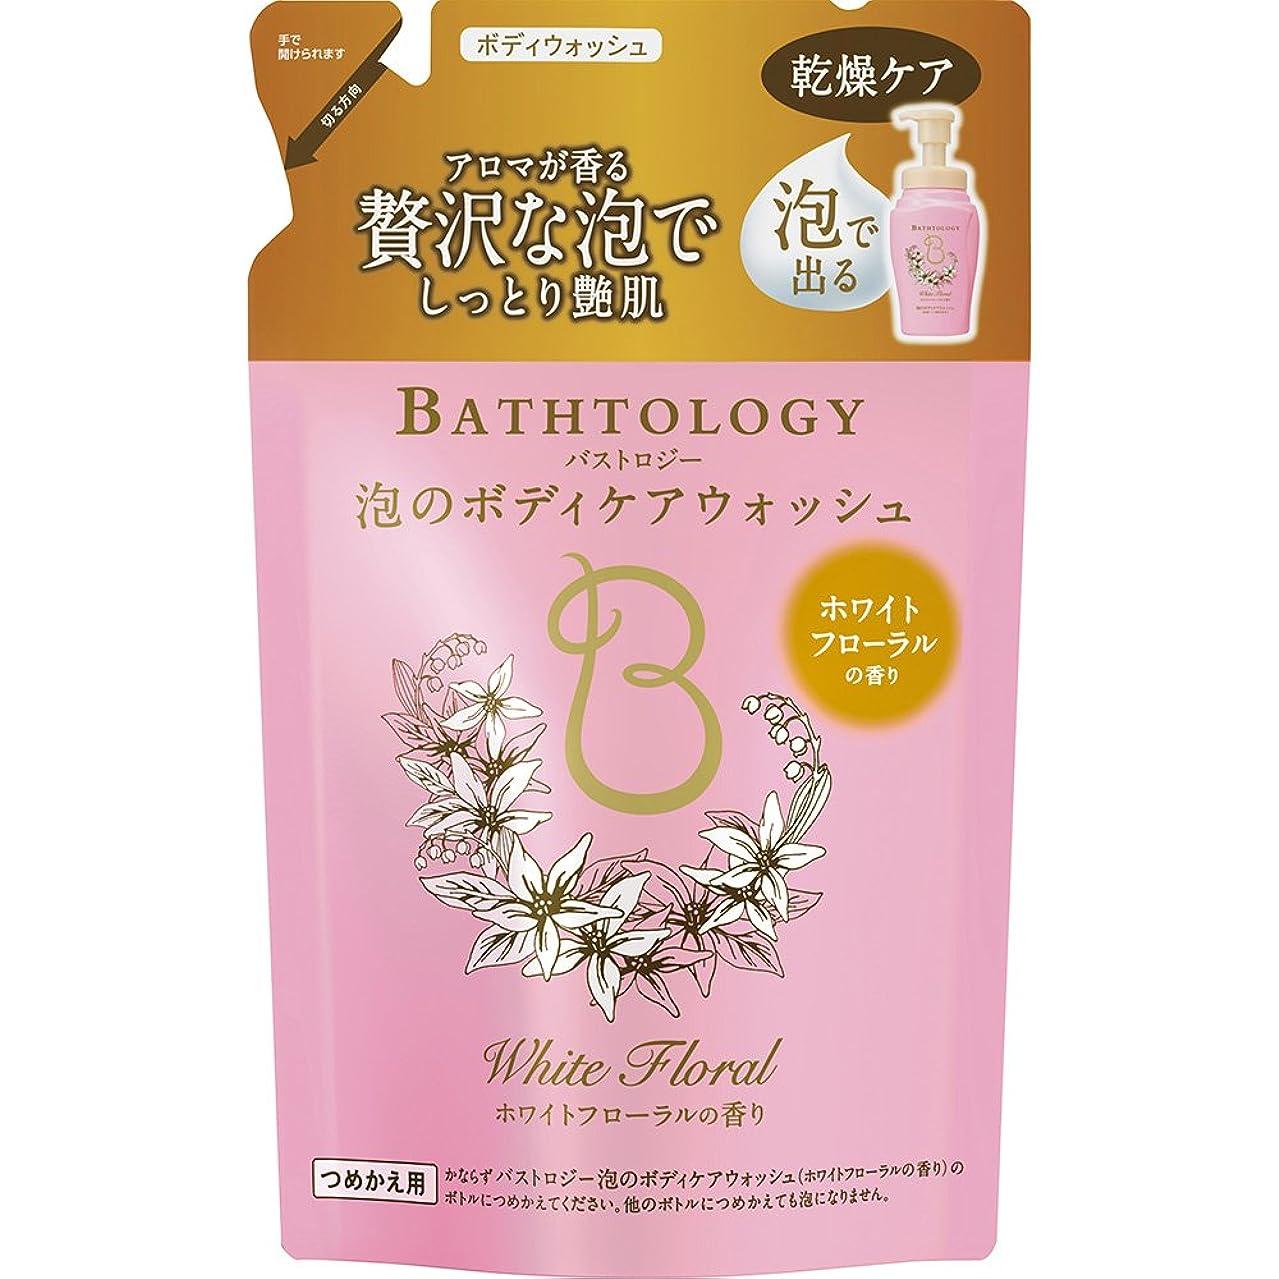 刺激する設計悪いBATHTOLOGY 泡のボディケアウォッシュ ホワイトフローラルの香り 詰め替え 350ml